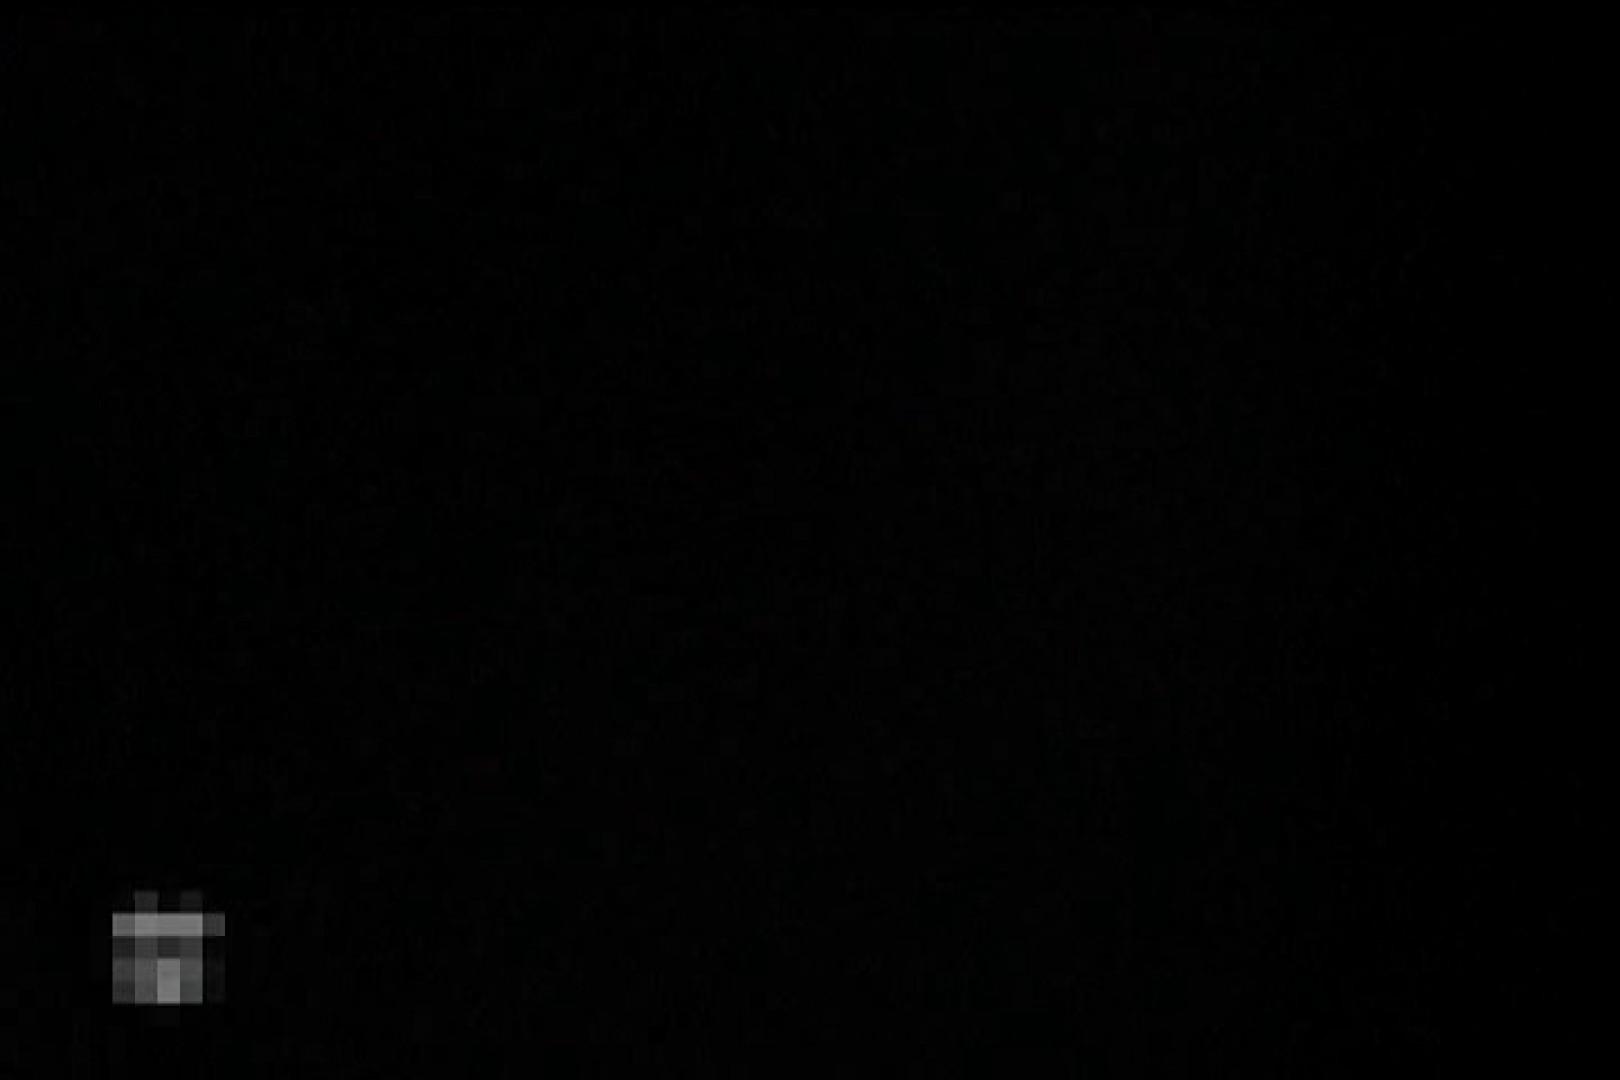 暗躍する夜這い師達Vol.4 ワルノリ  57画像 32